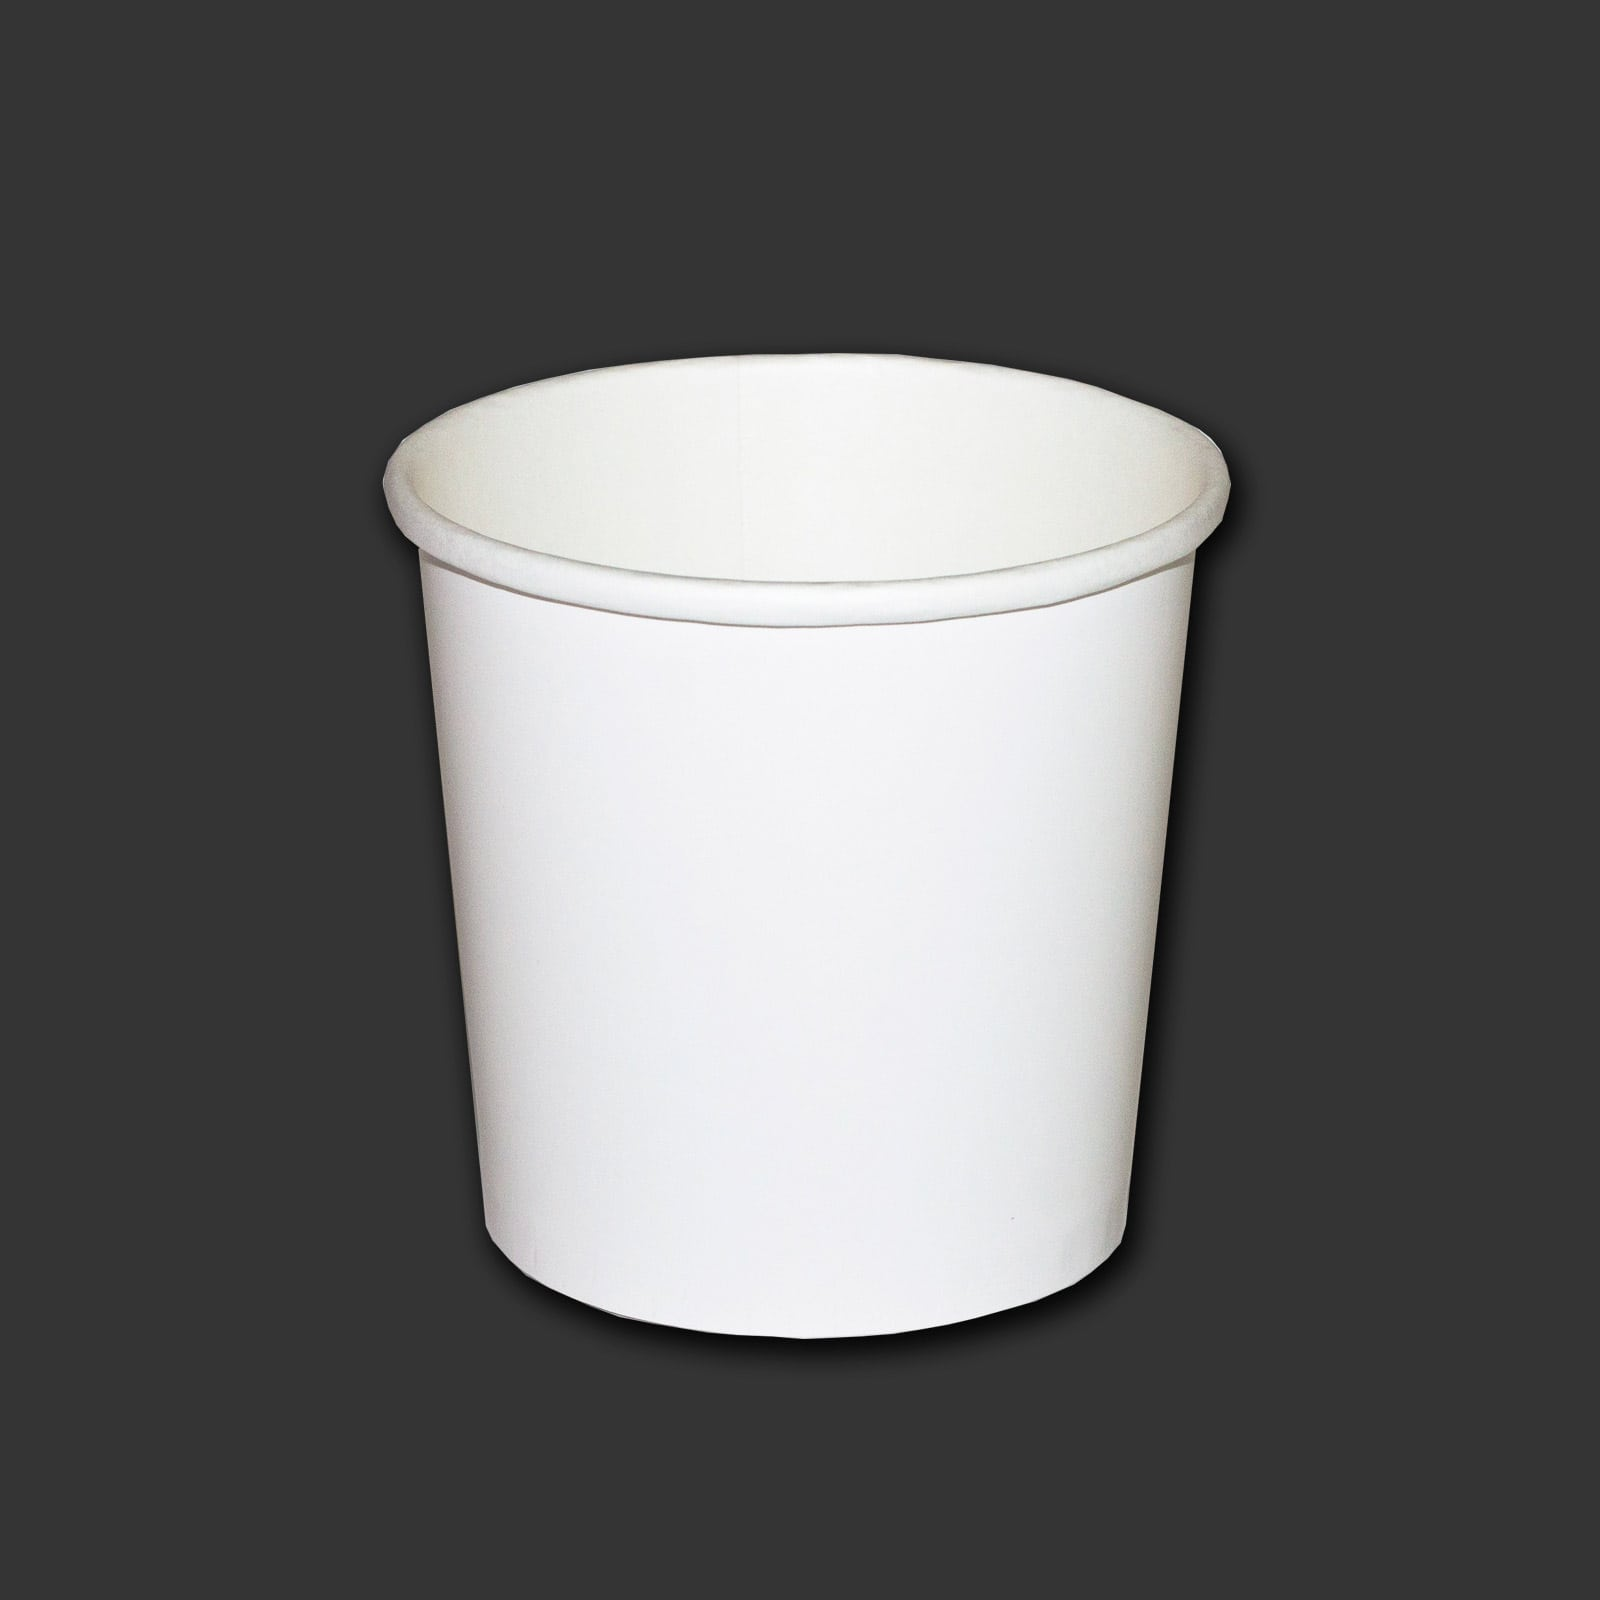 Paper-cups: производитель одноразовых бумажных стаканов